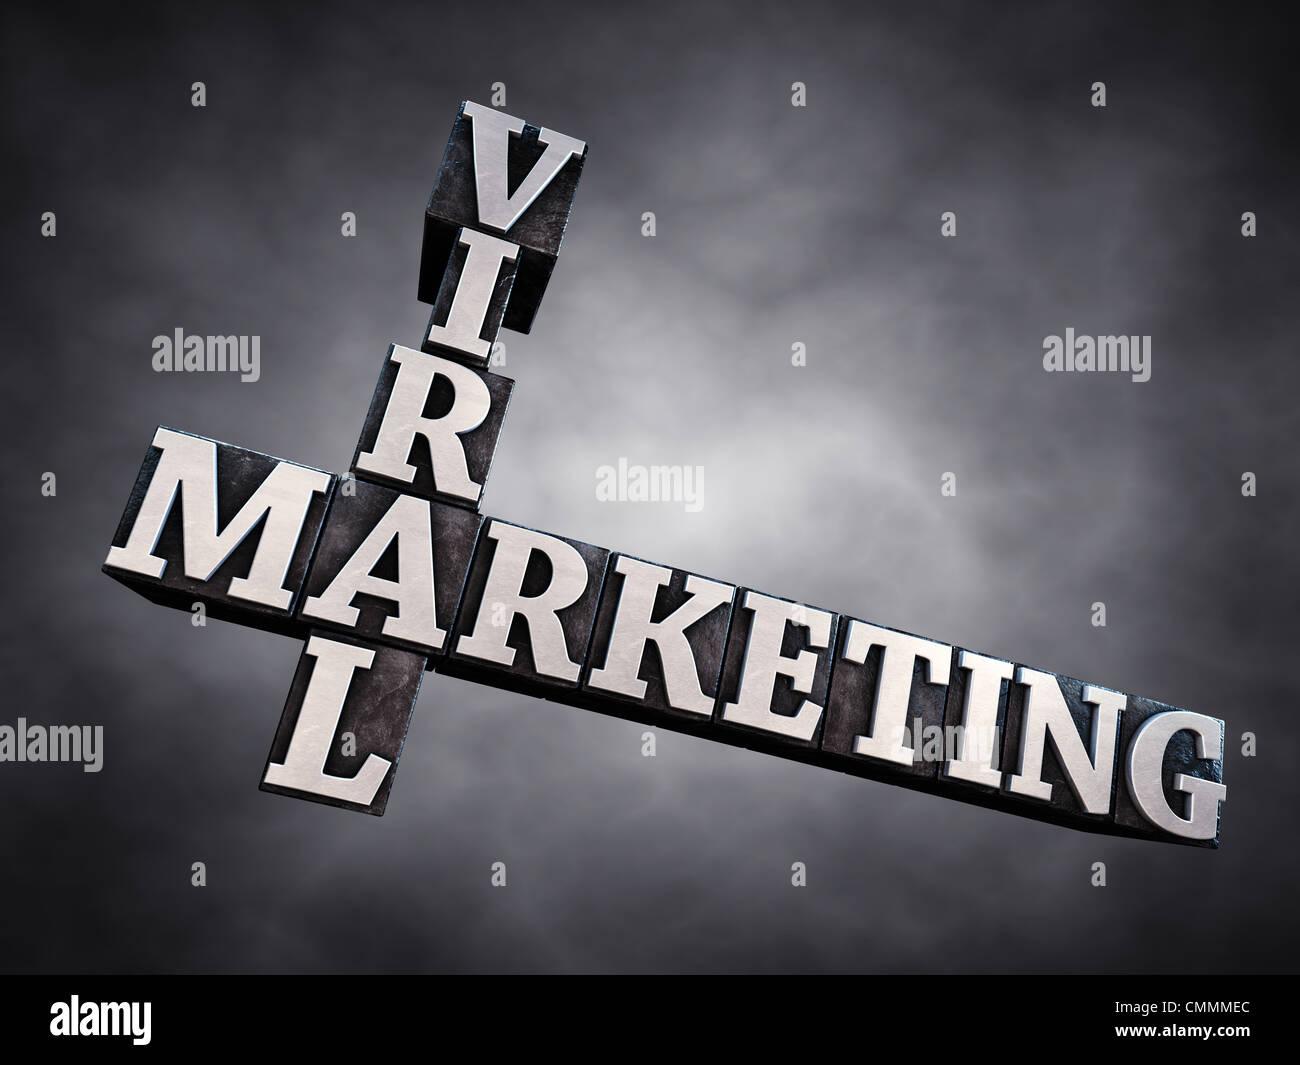 Viral marketing , letterpress typesetting on dark background , 3d illustration - Stock Image